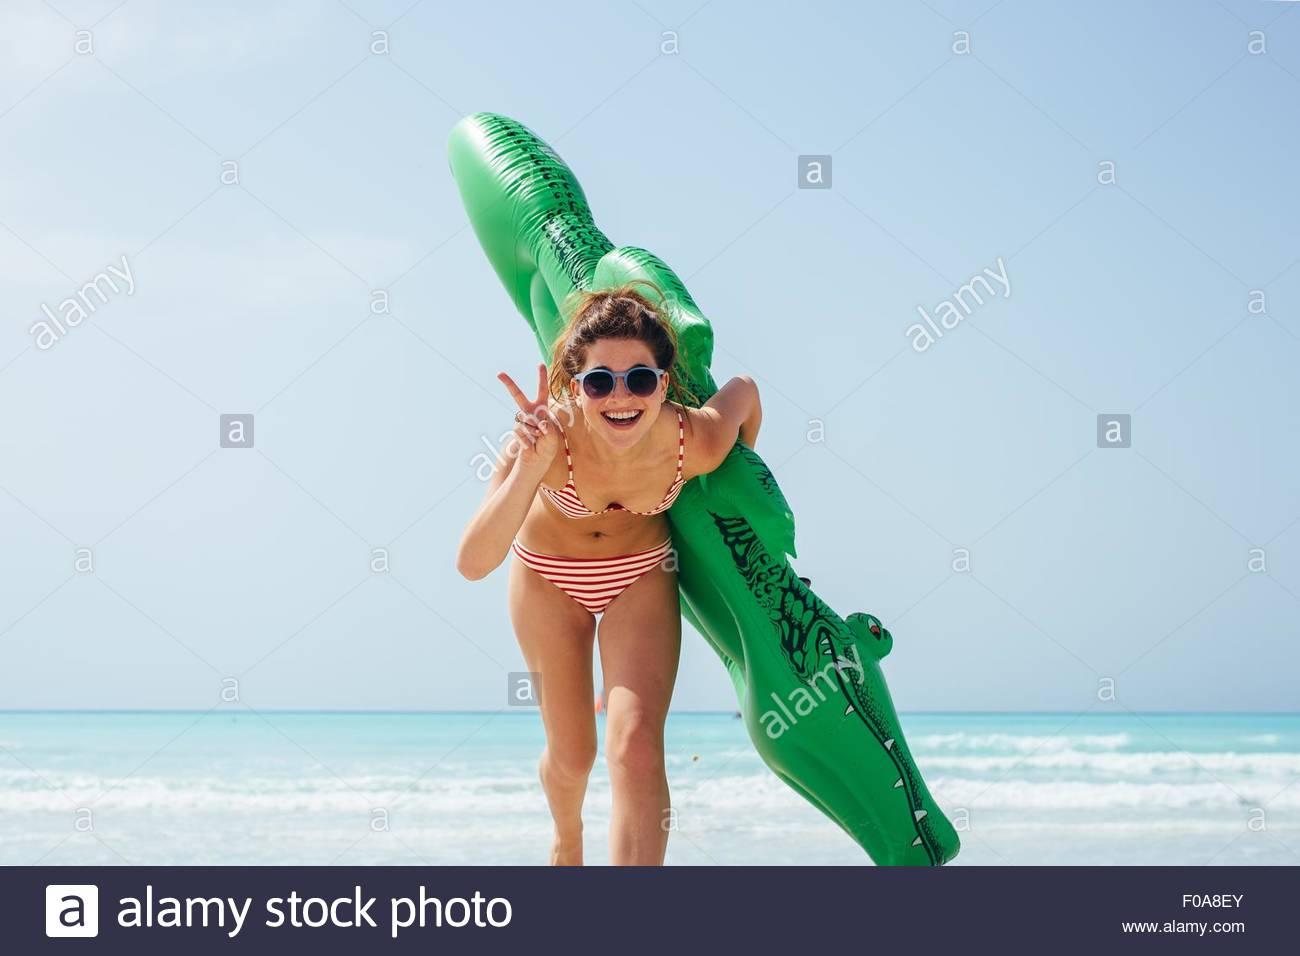 Retrato de joven mujer vistiendo bikini con cocodrilo inflable en la costa Imagen De Stock